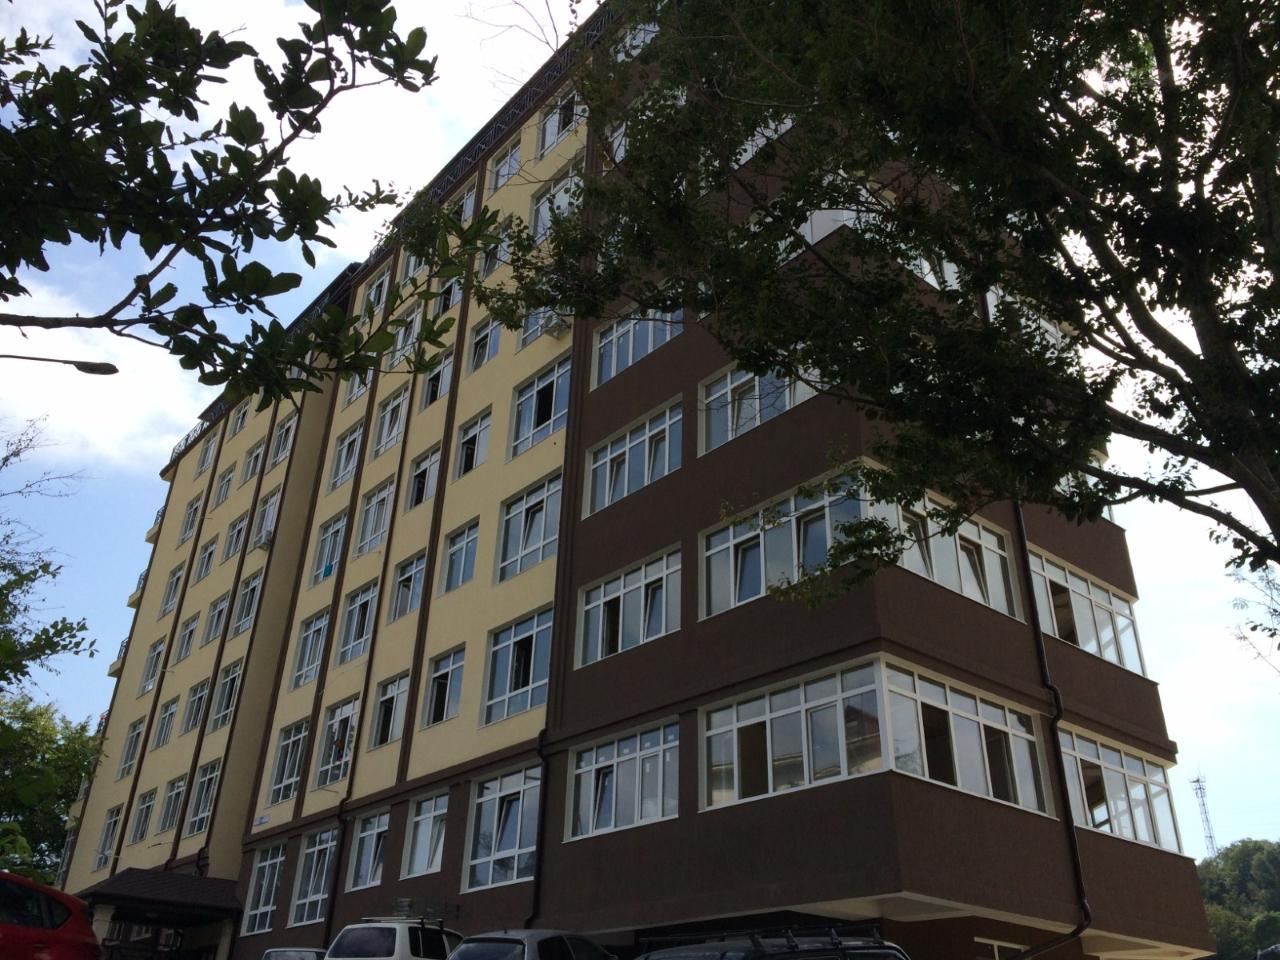 Дом состоит из 8-ми этажей.